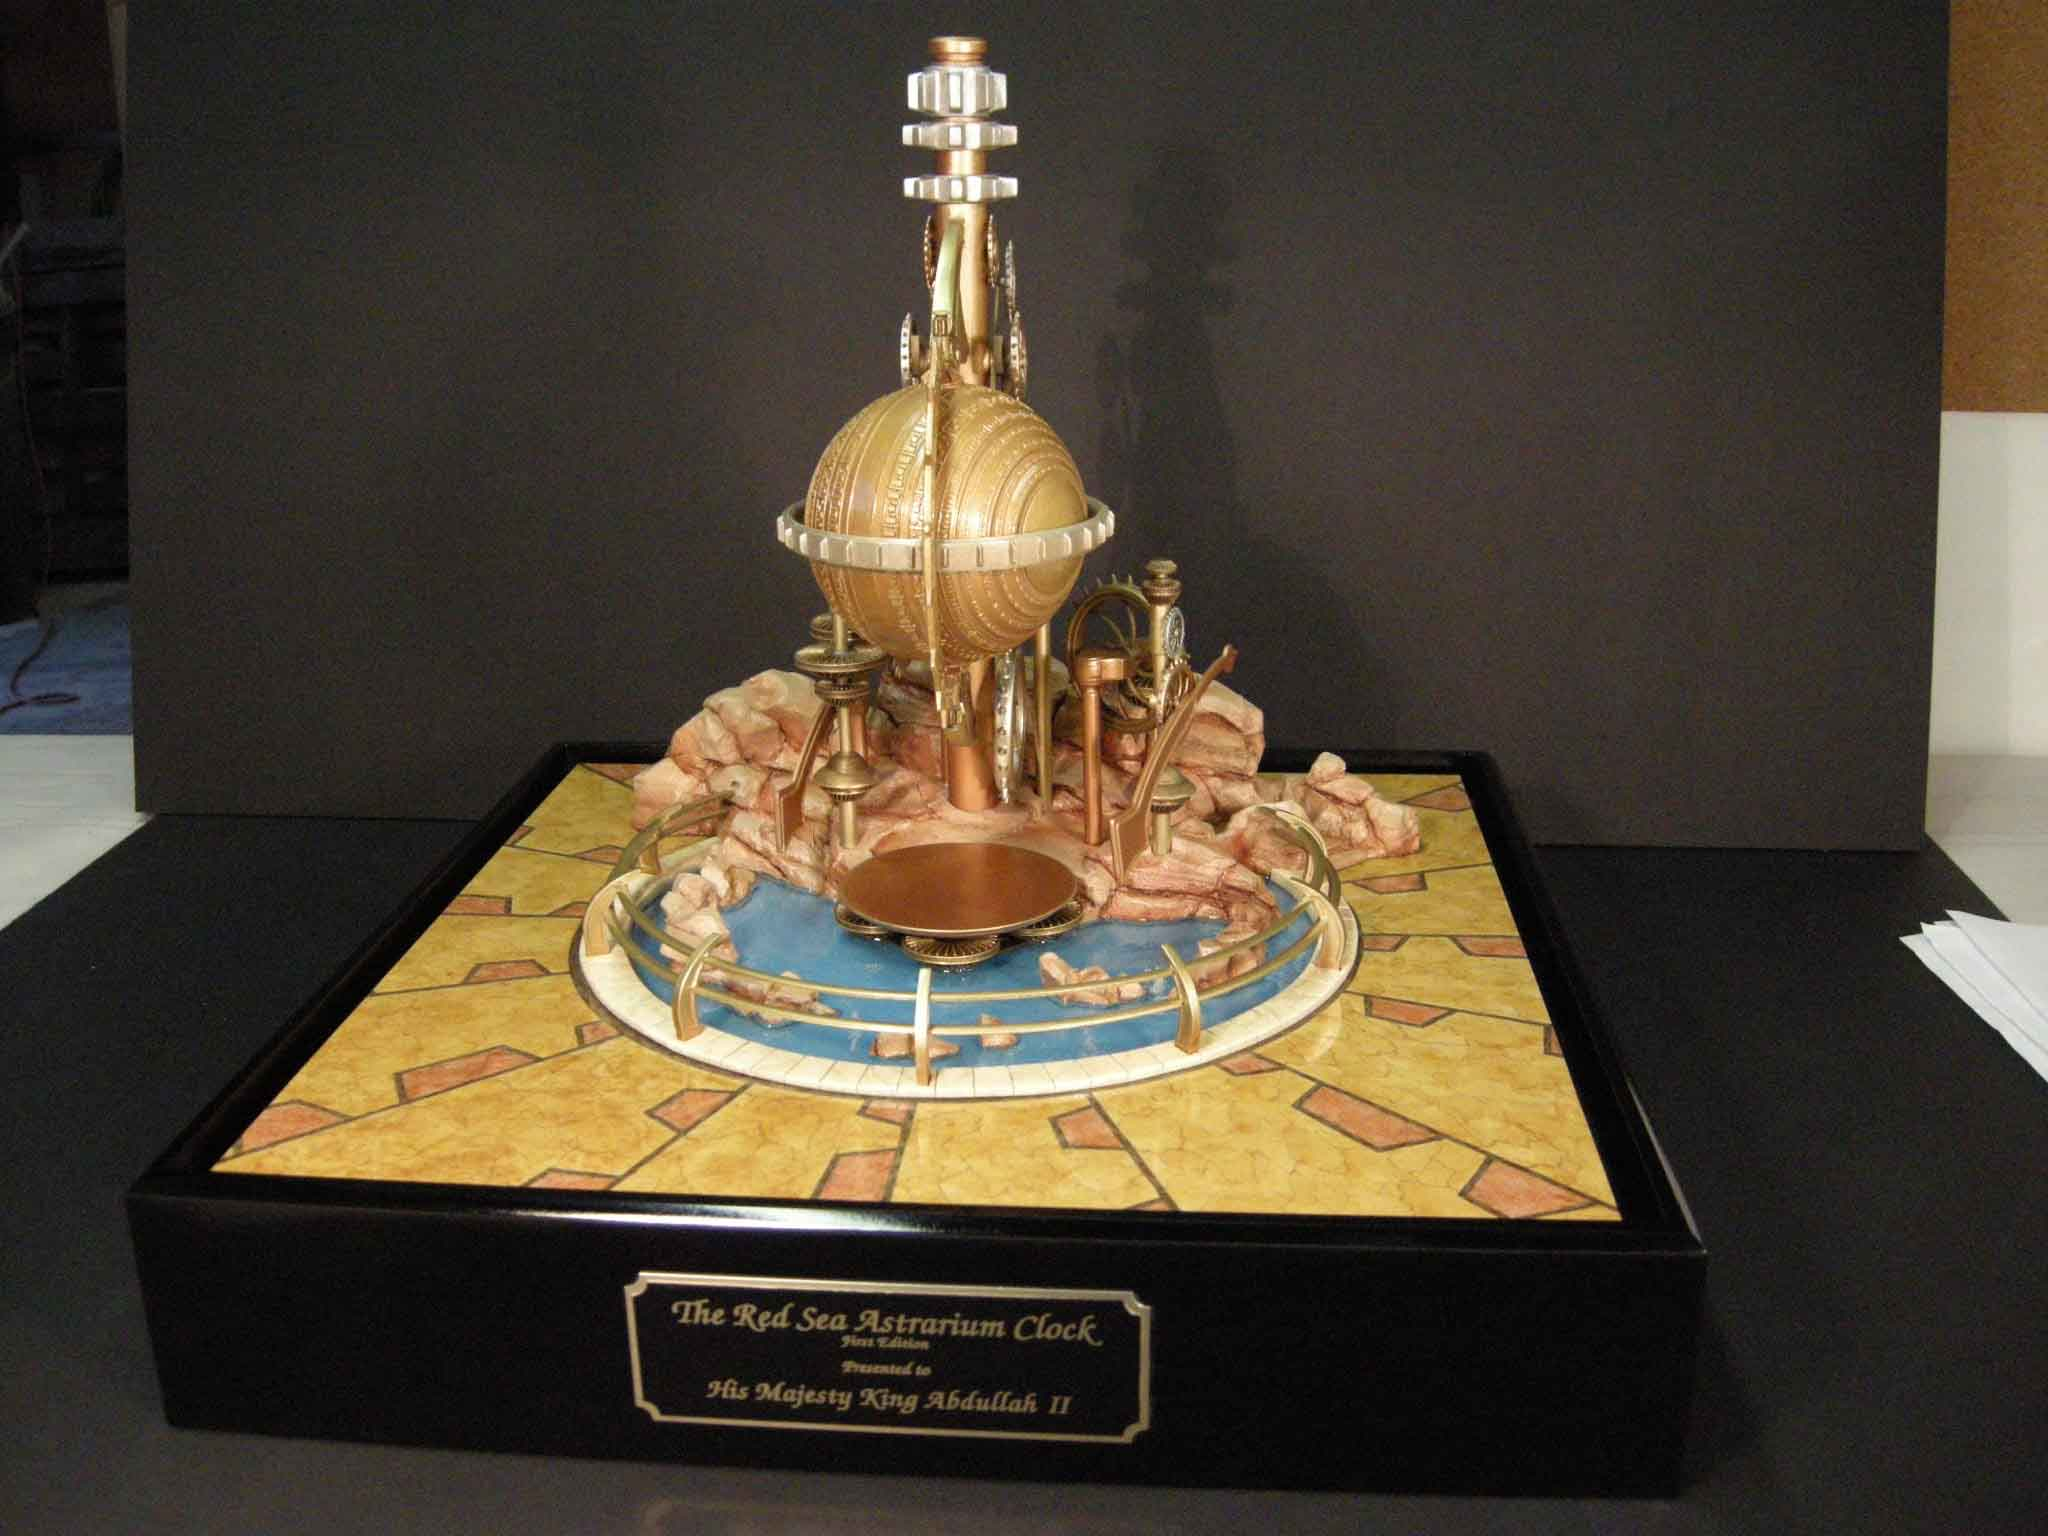 red sea astrarium clock